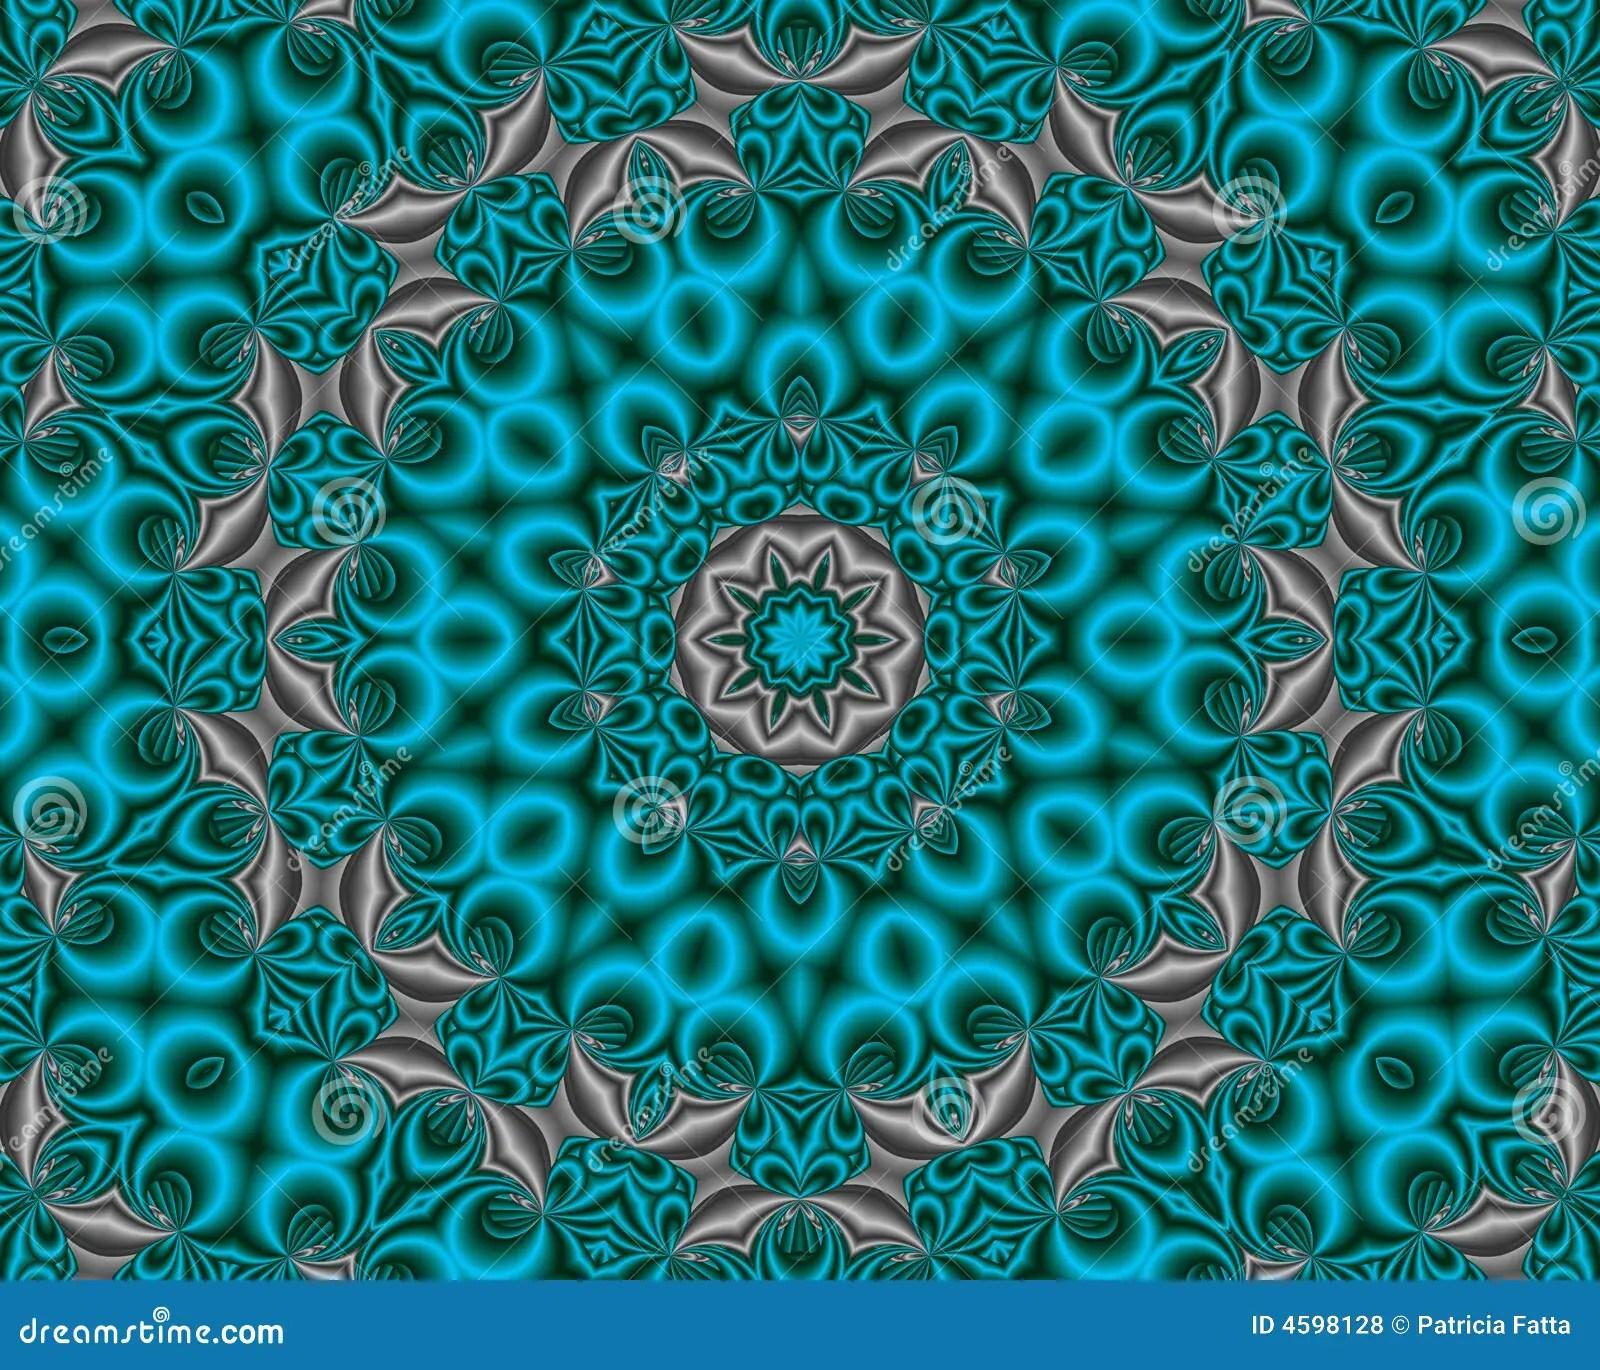 Cute Henna Wallpapers Satijn In Reli 235 F Gemaakt Behang Stock Illustratie